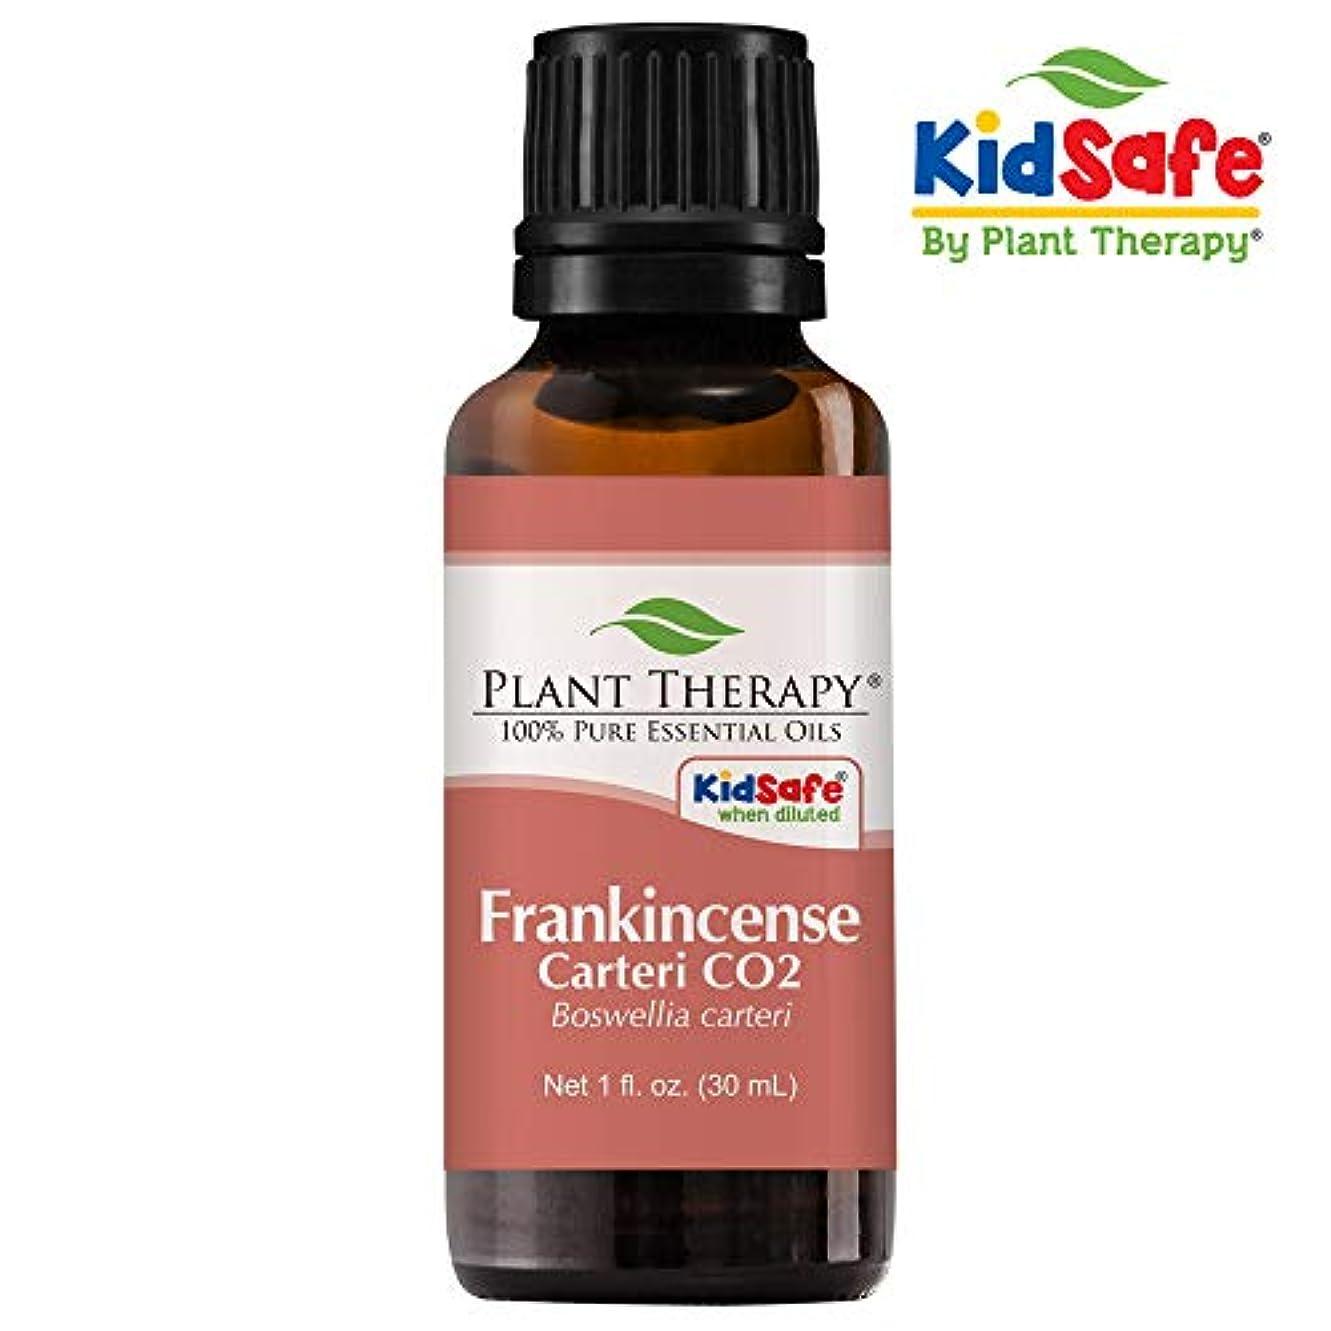 報酬オフセット同意するフランキンセンスCarteri CO2 30 mLのエッセンシャルオイル100%ピュア、治療グレード